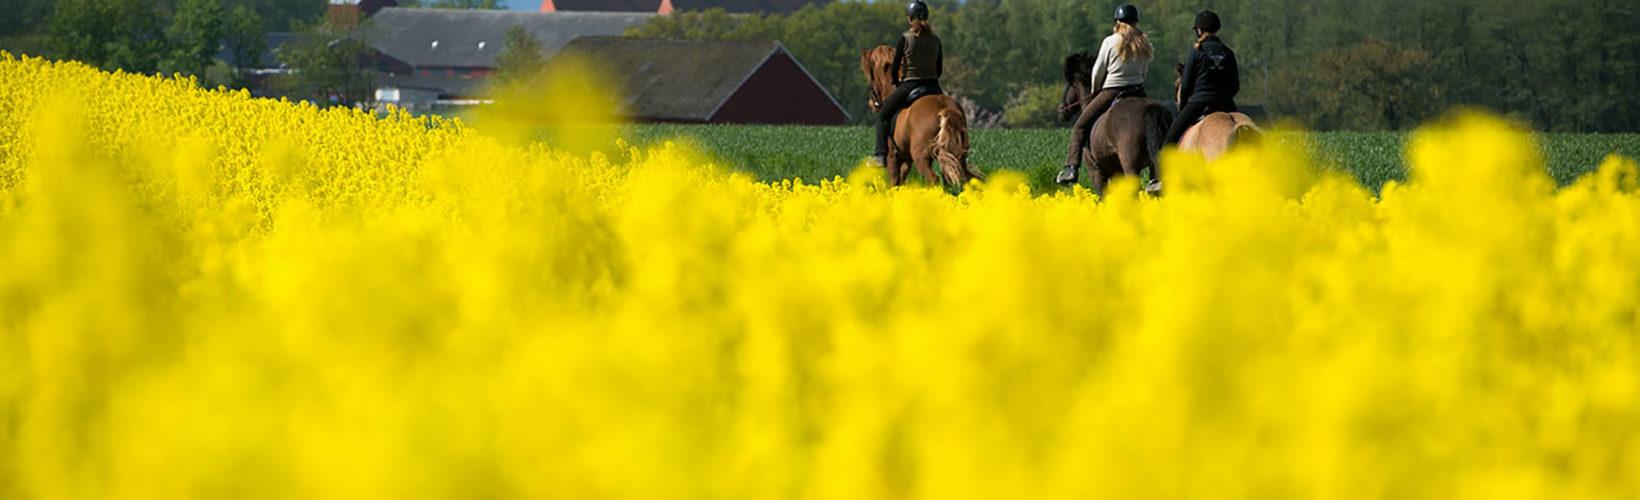 Horseback ridning